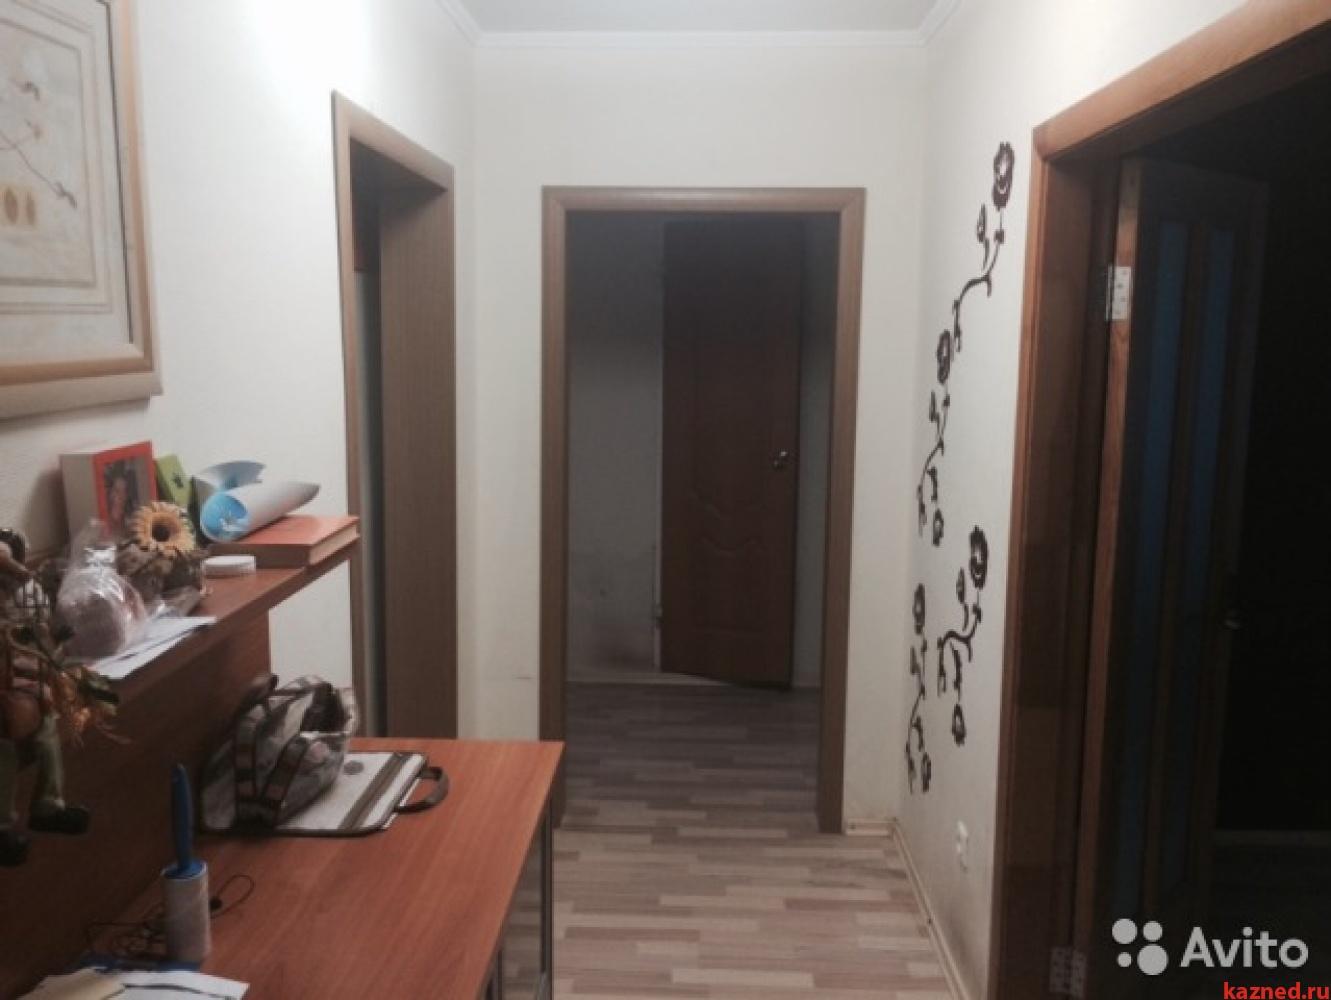 Продажа мн-к квартиры Четаева 13, 0 м2  (миниатюра №1)